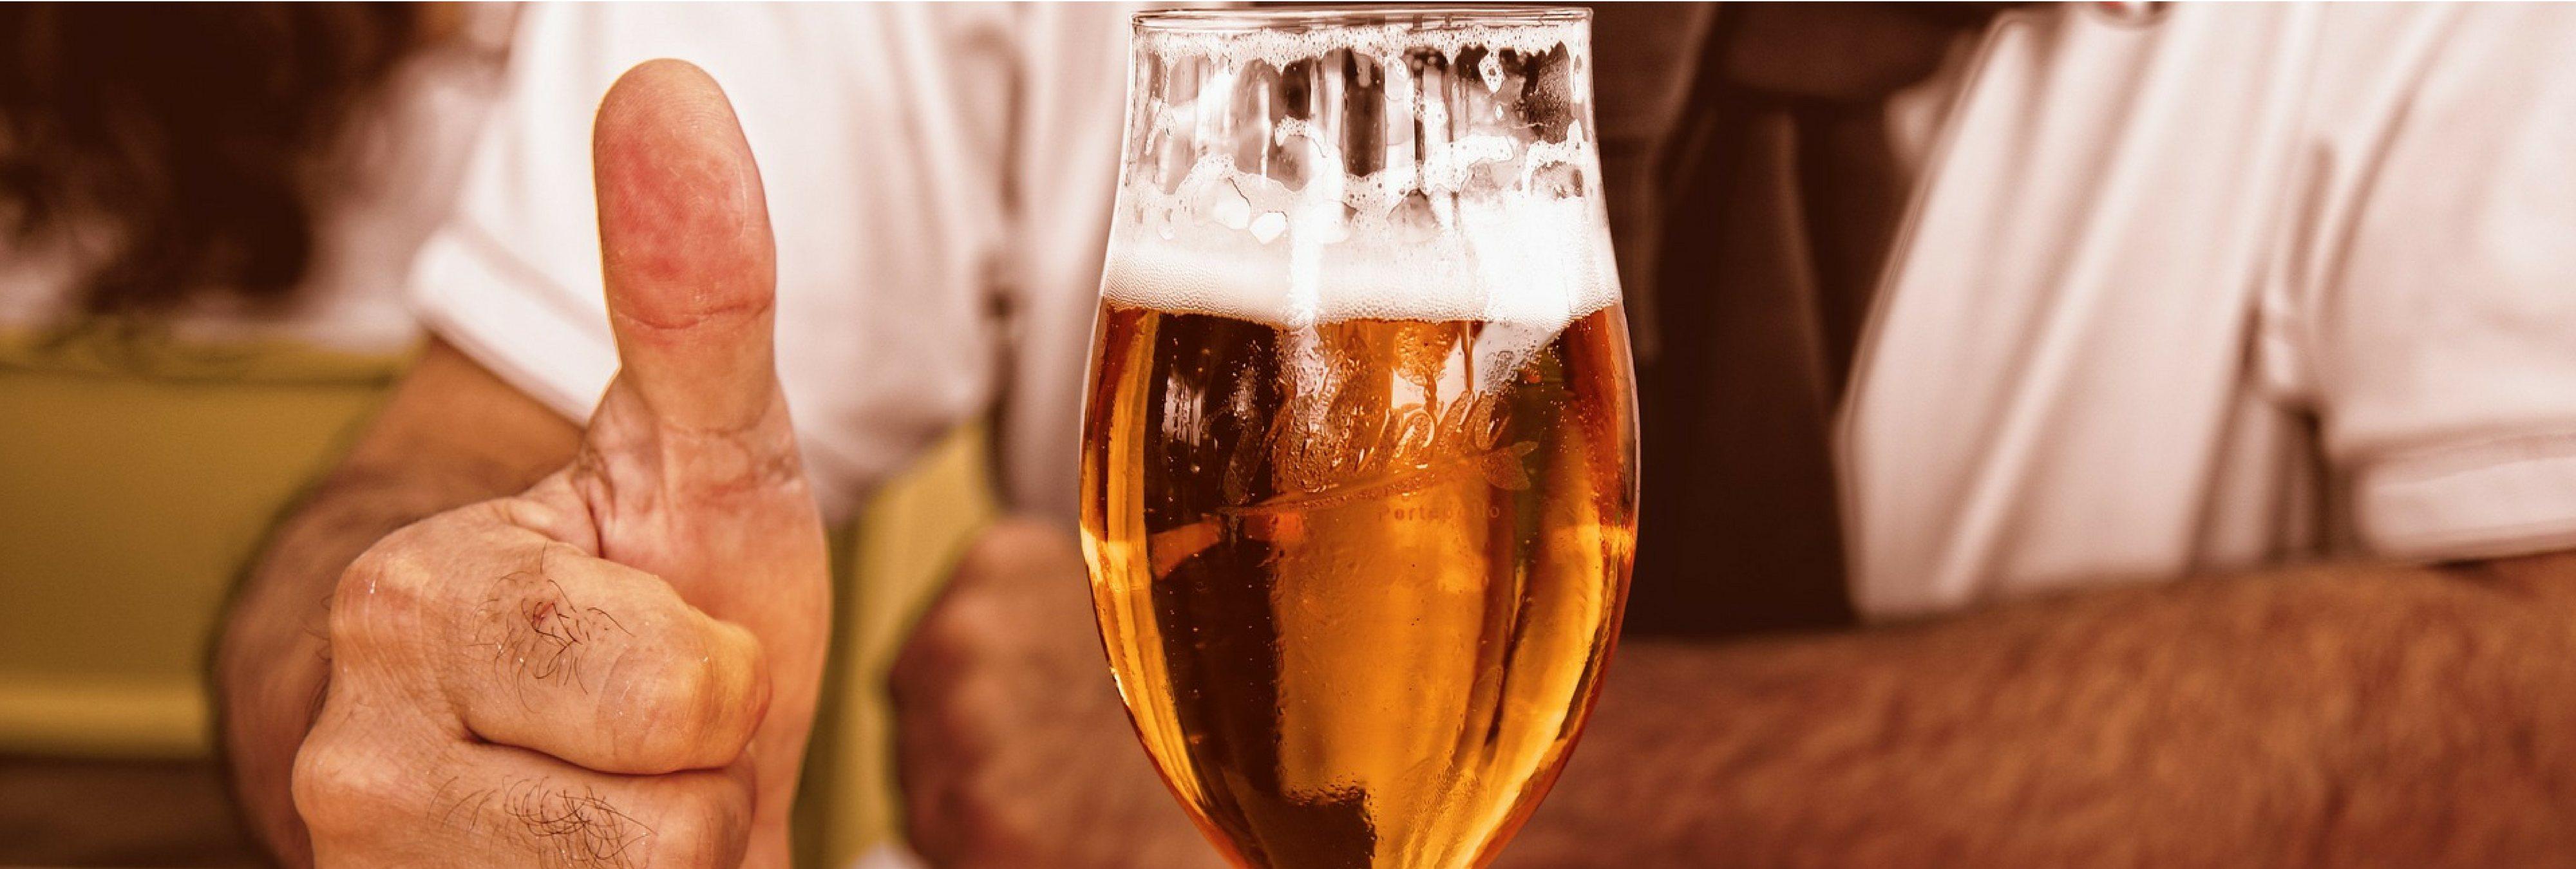 Una cerveza diaria tras salir del trabajo alarga la vida y rejuvenece, según la ciencia